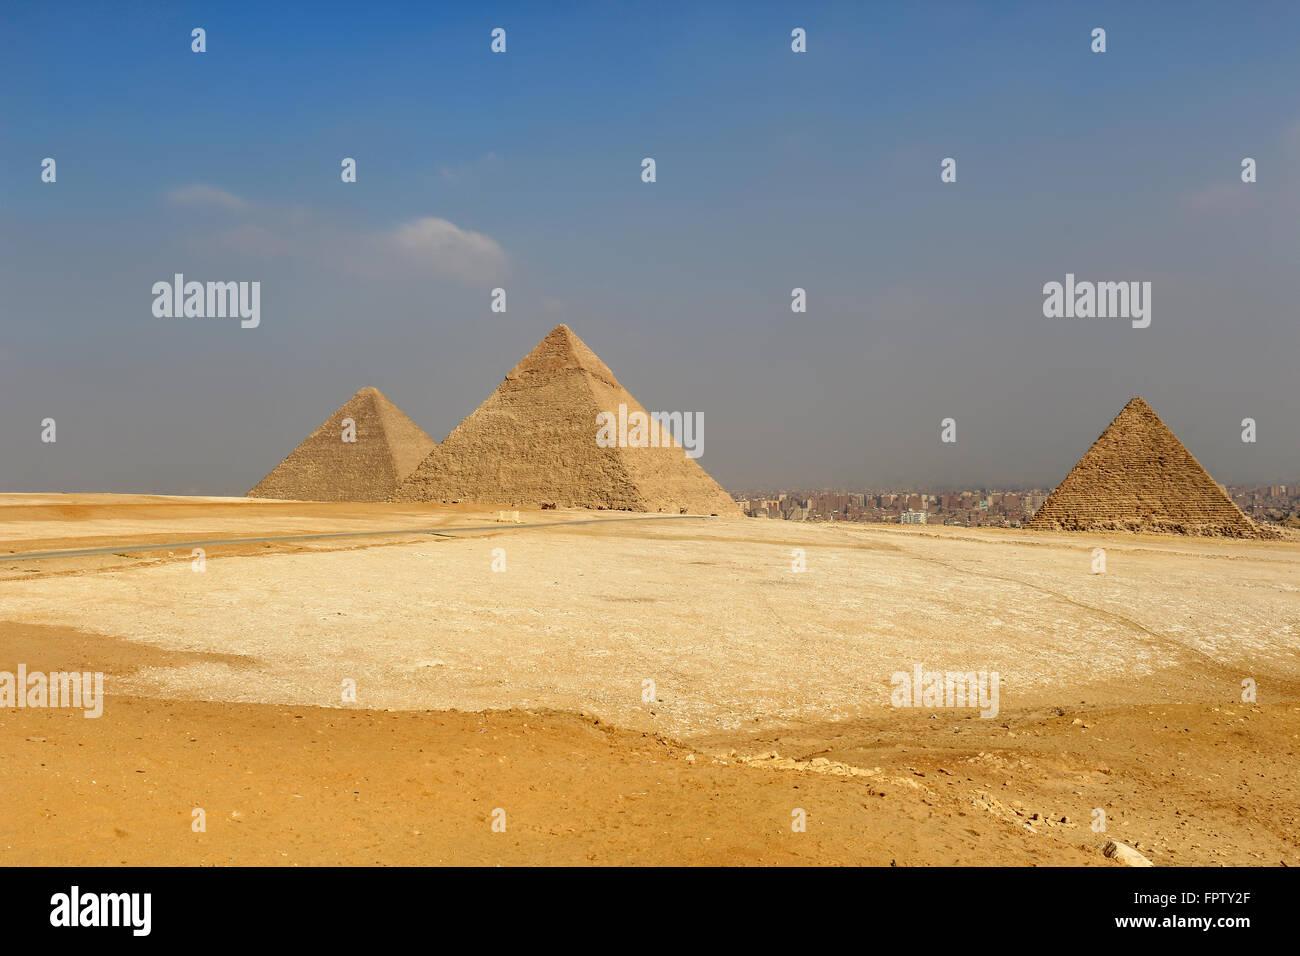 Die Pyramiden von Gizeh, vom Menschen geschaffenen Strukturen aus dem alten Ägypten in den goldenen Sand der Stockbild